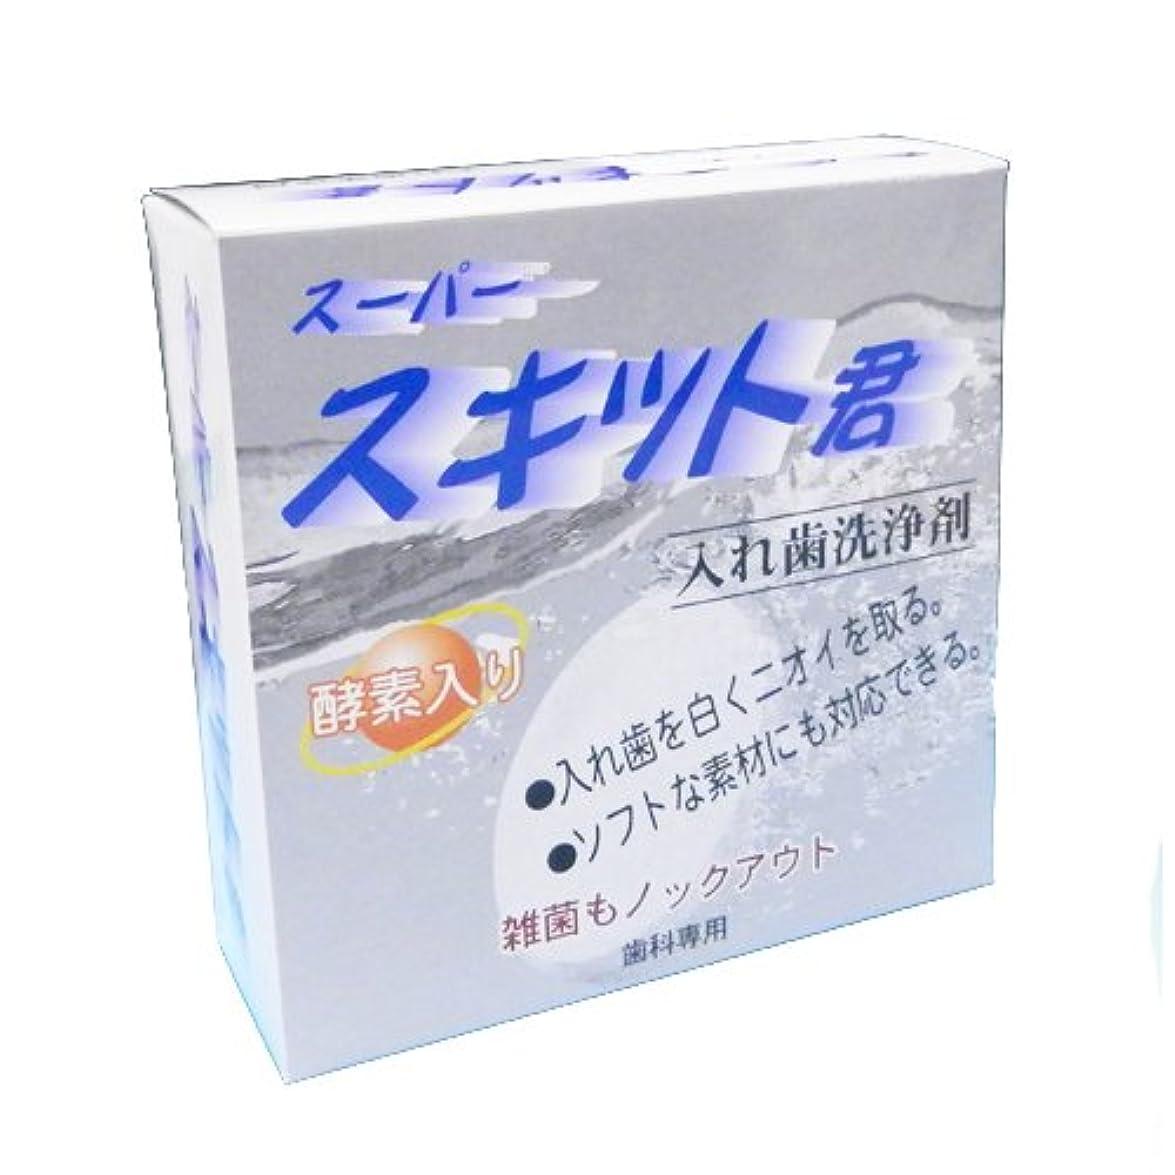 作物みすぼらしい影響を受けやすいですスーパー スキット君 入れ歯洗浄剤 48錠入